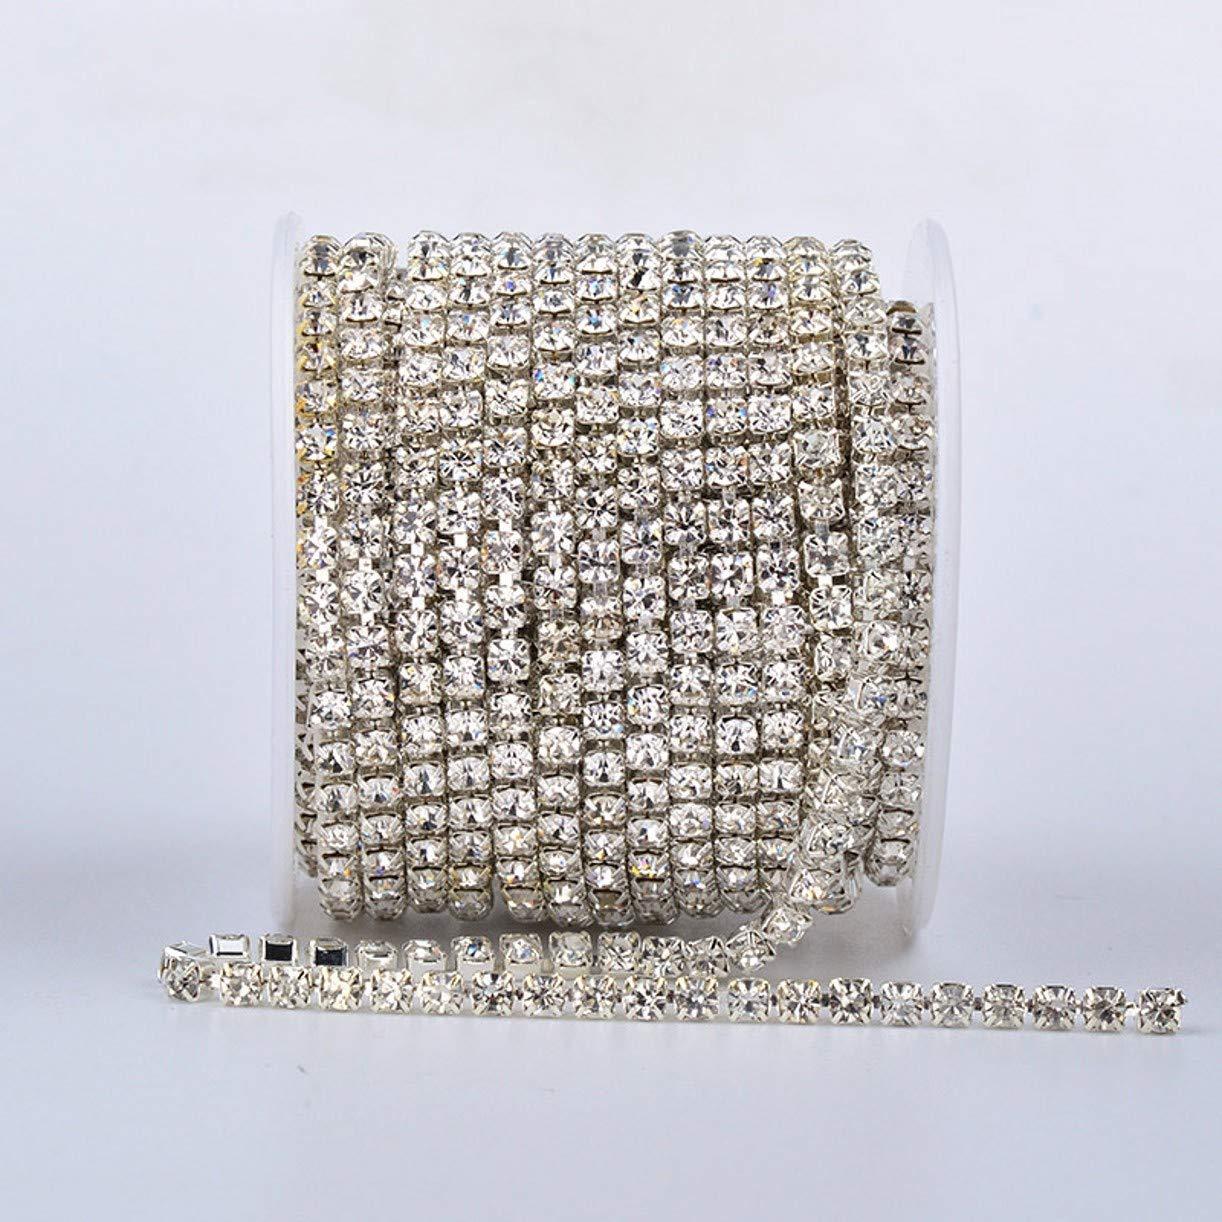 ZHONGJIUYUAN 109ヤード (100 Metters) 2mm ライトストーン 水晶クリスタルチェーン ダイヤストーンチェーン 装飾素材 手芸 縫製工芸 クリア(銀色)   B07Q4BQ2GG